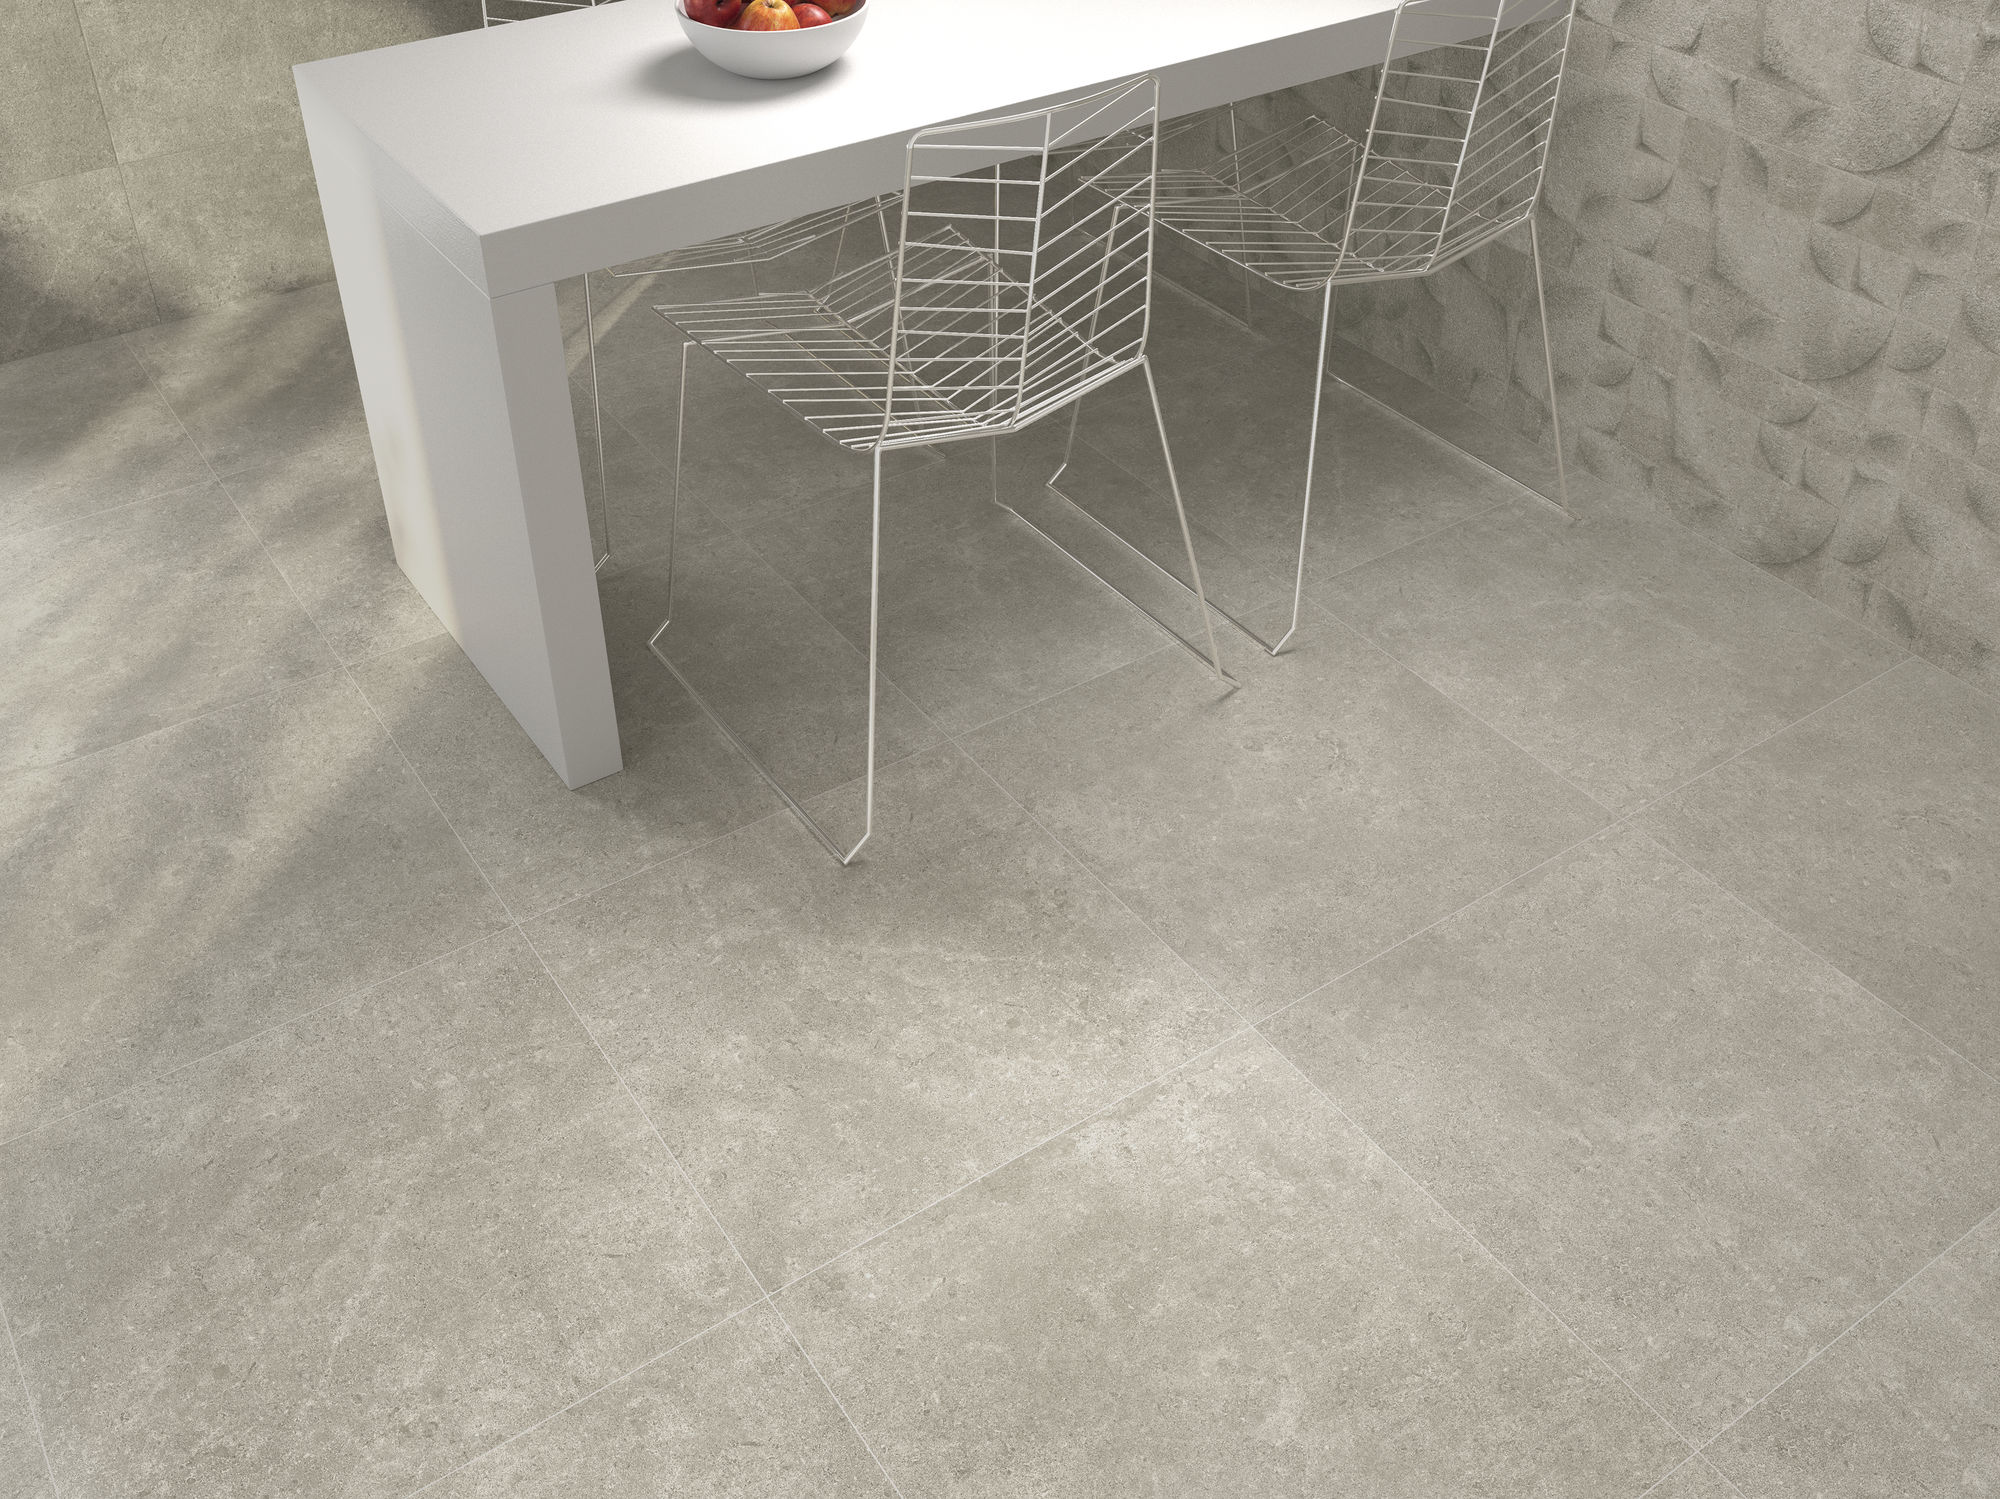 Icon Grey 60x60 cm. Icon Grey 30 x 90. Decor Shape Grey 30 x 90 cm.